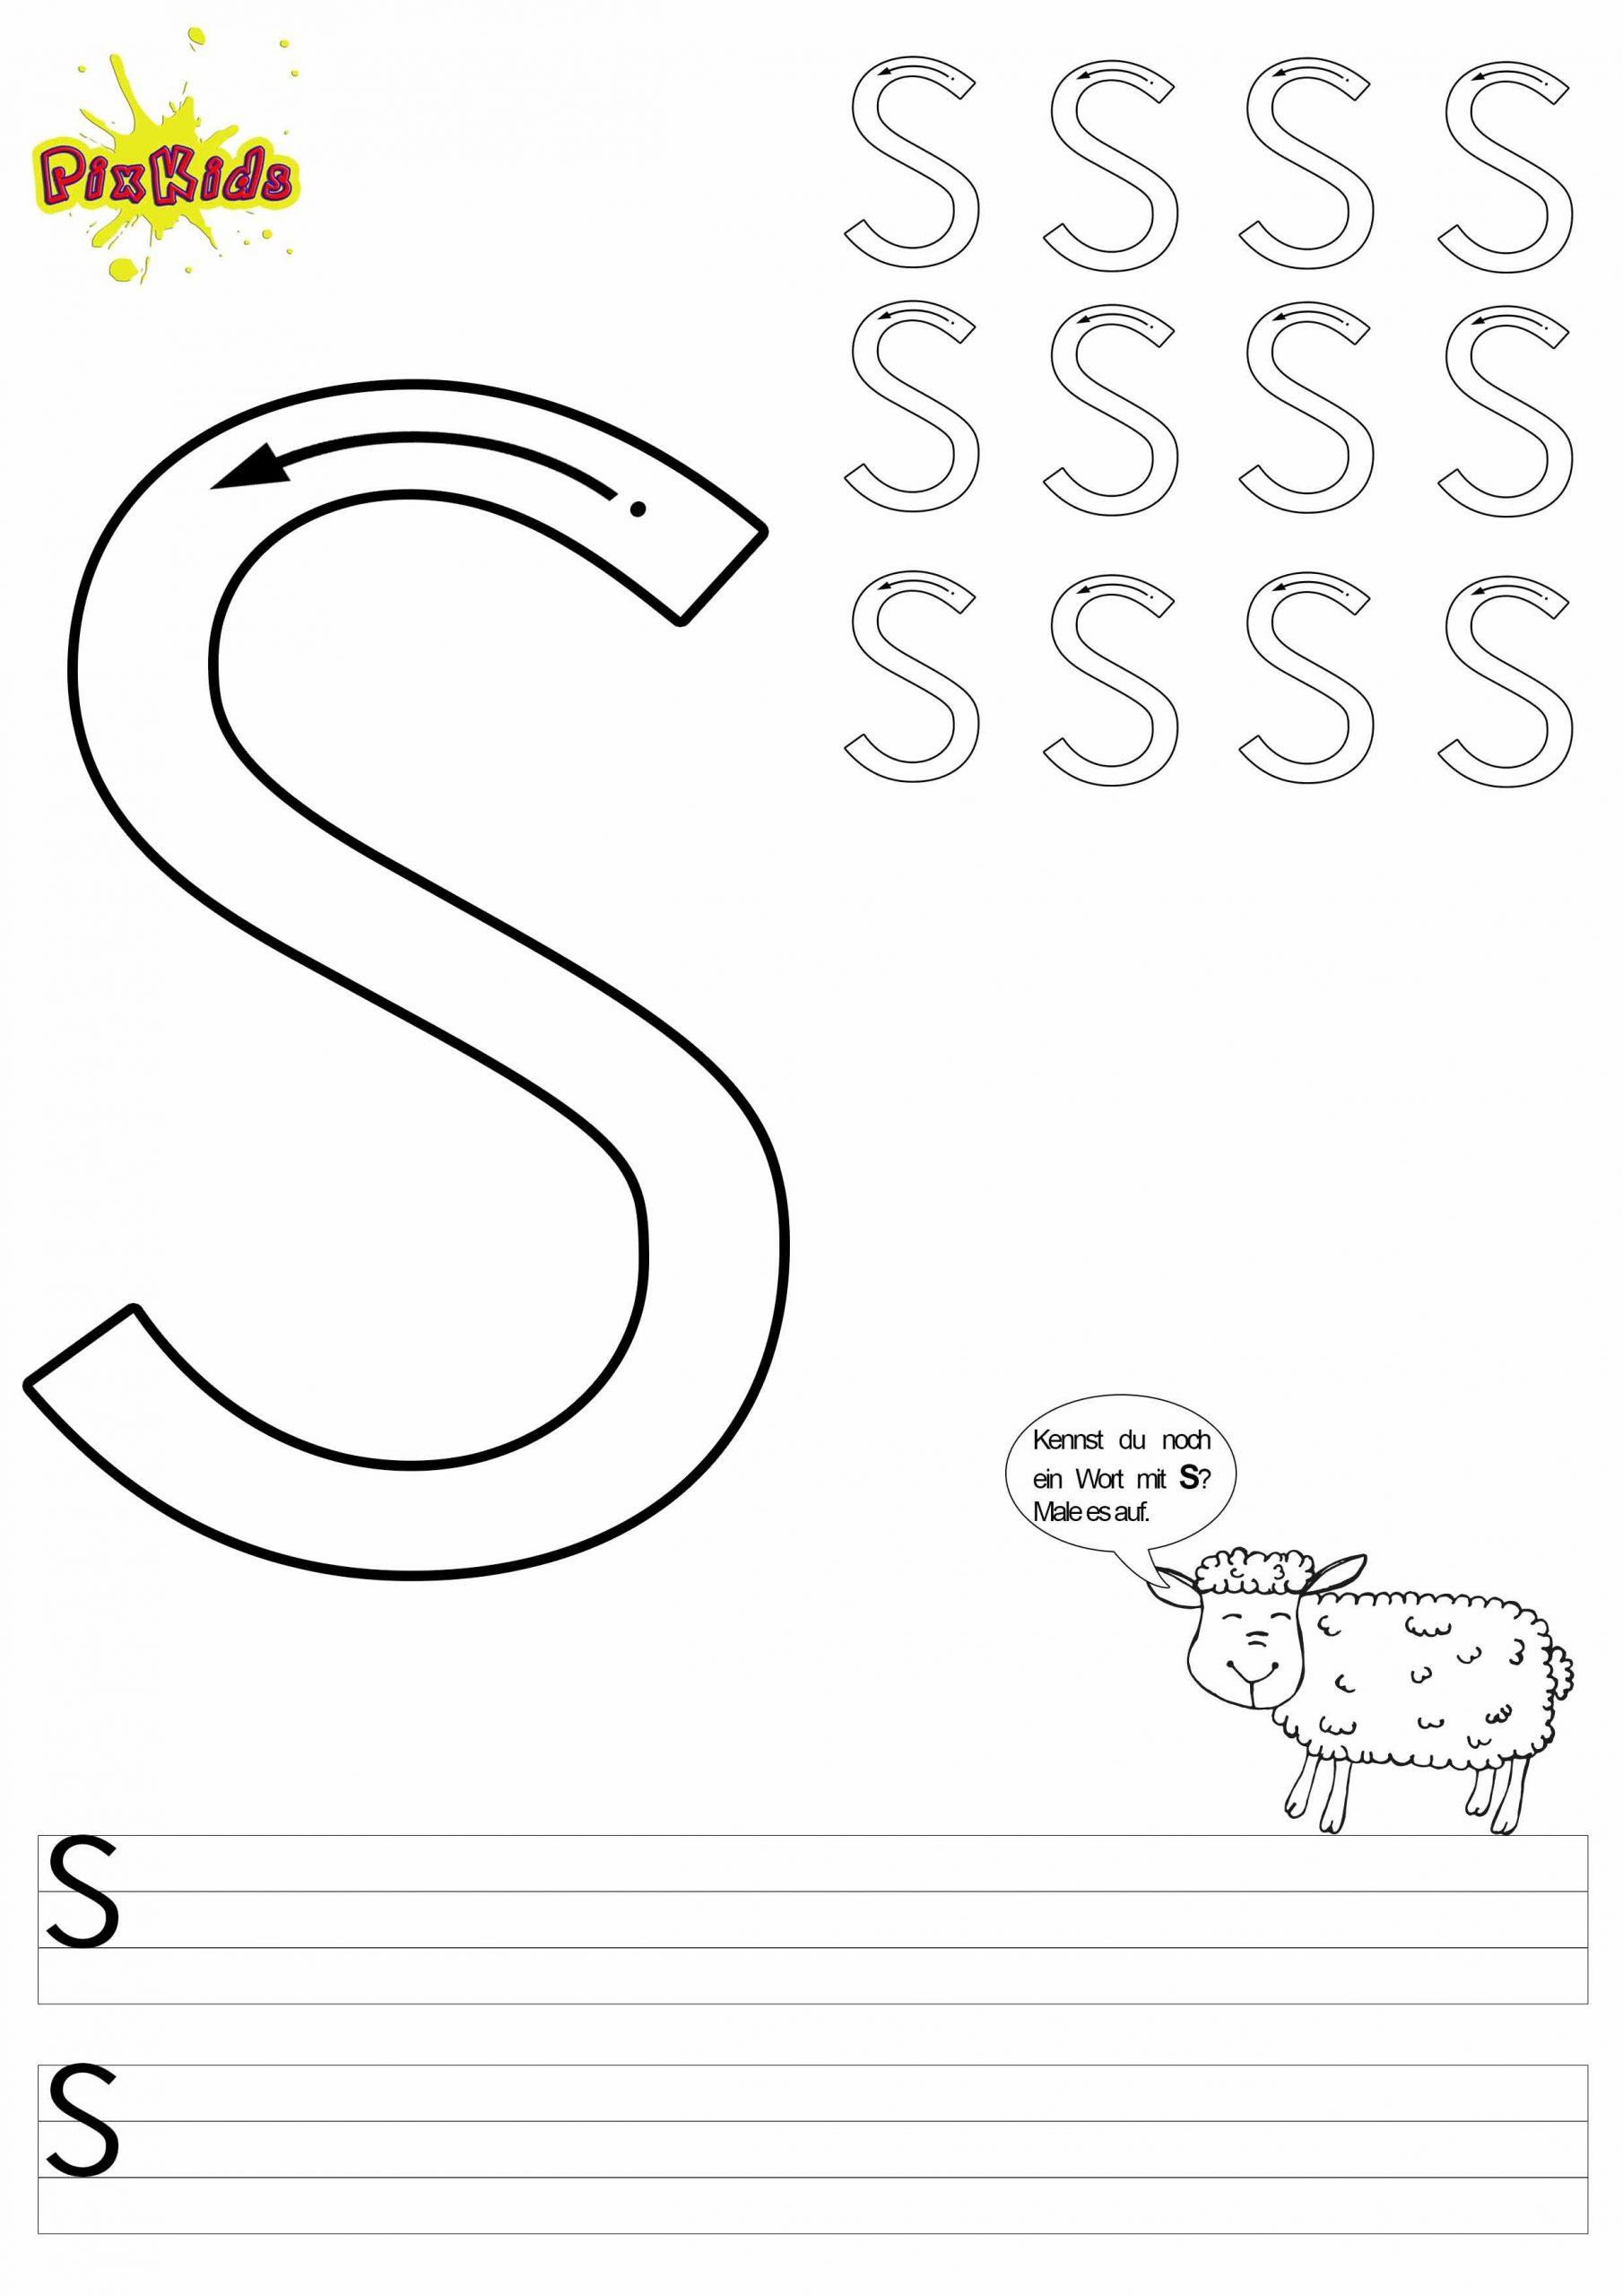 Vorlage Arbeitsblatt Schreiben Lernen Grundschule Vorschule ganzes Buchstaben Schreiben Lernen Arbeitsblätter Kostenlos